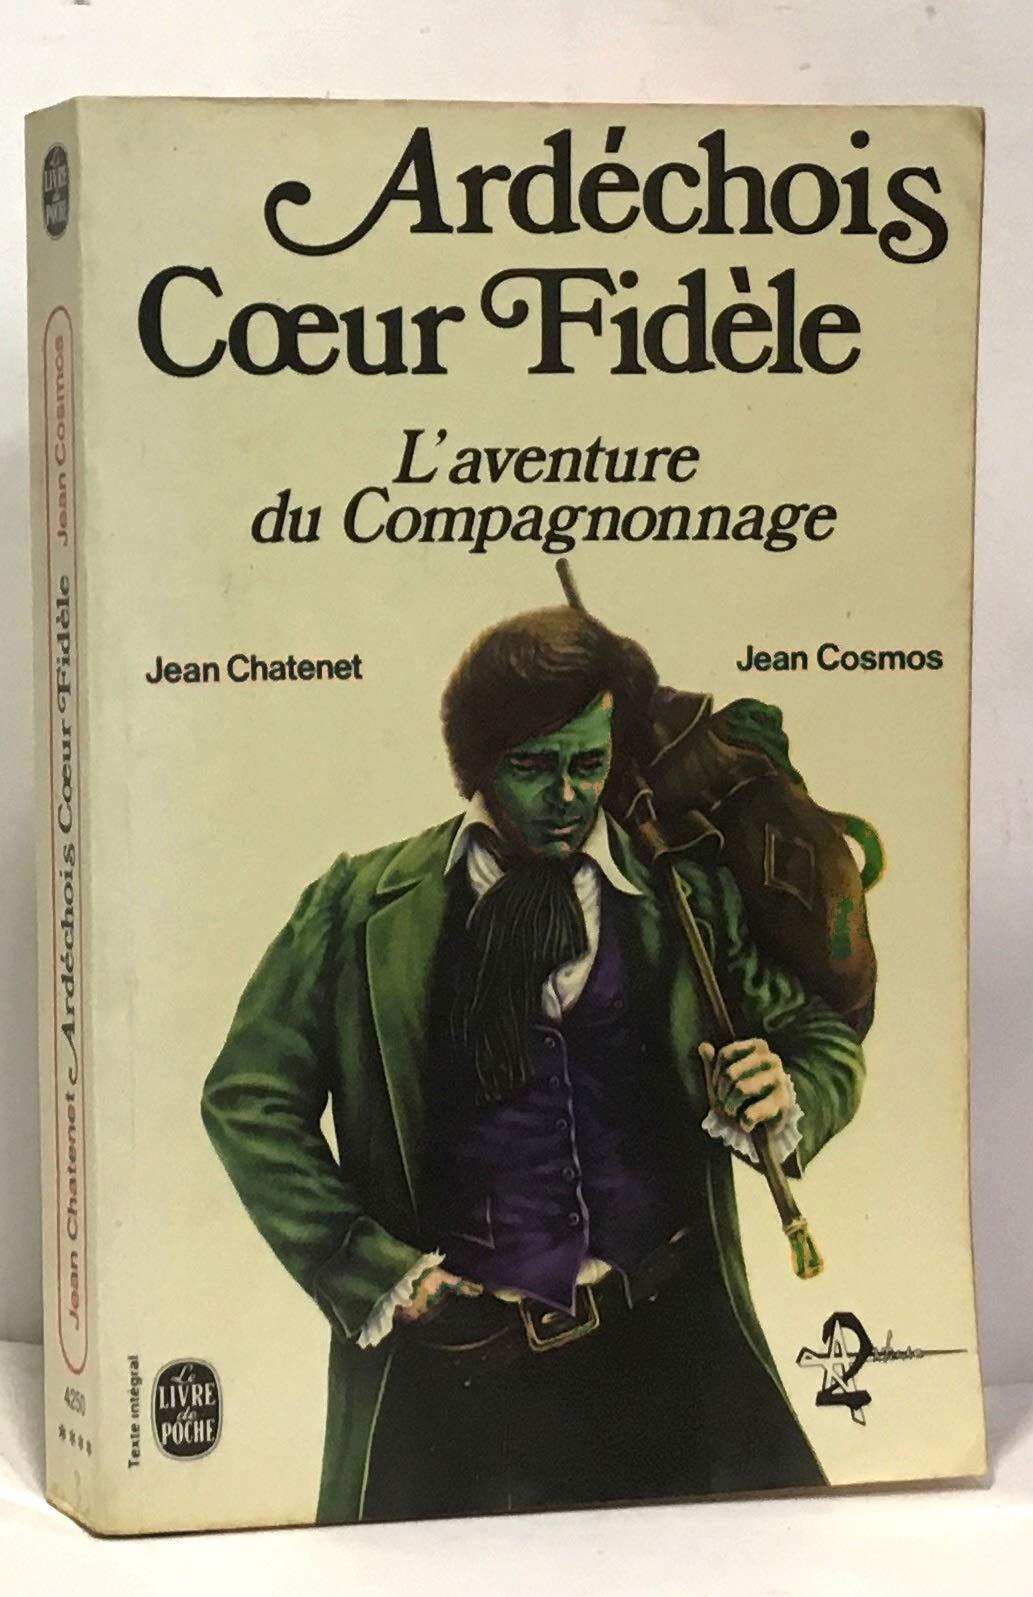 FIDELE COEUR TÉLÉCHARGER ARDECHOIS